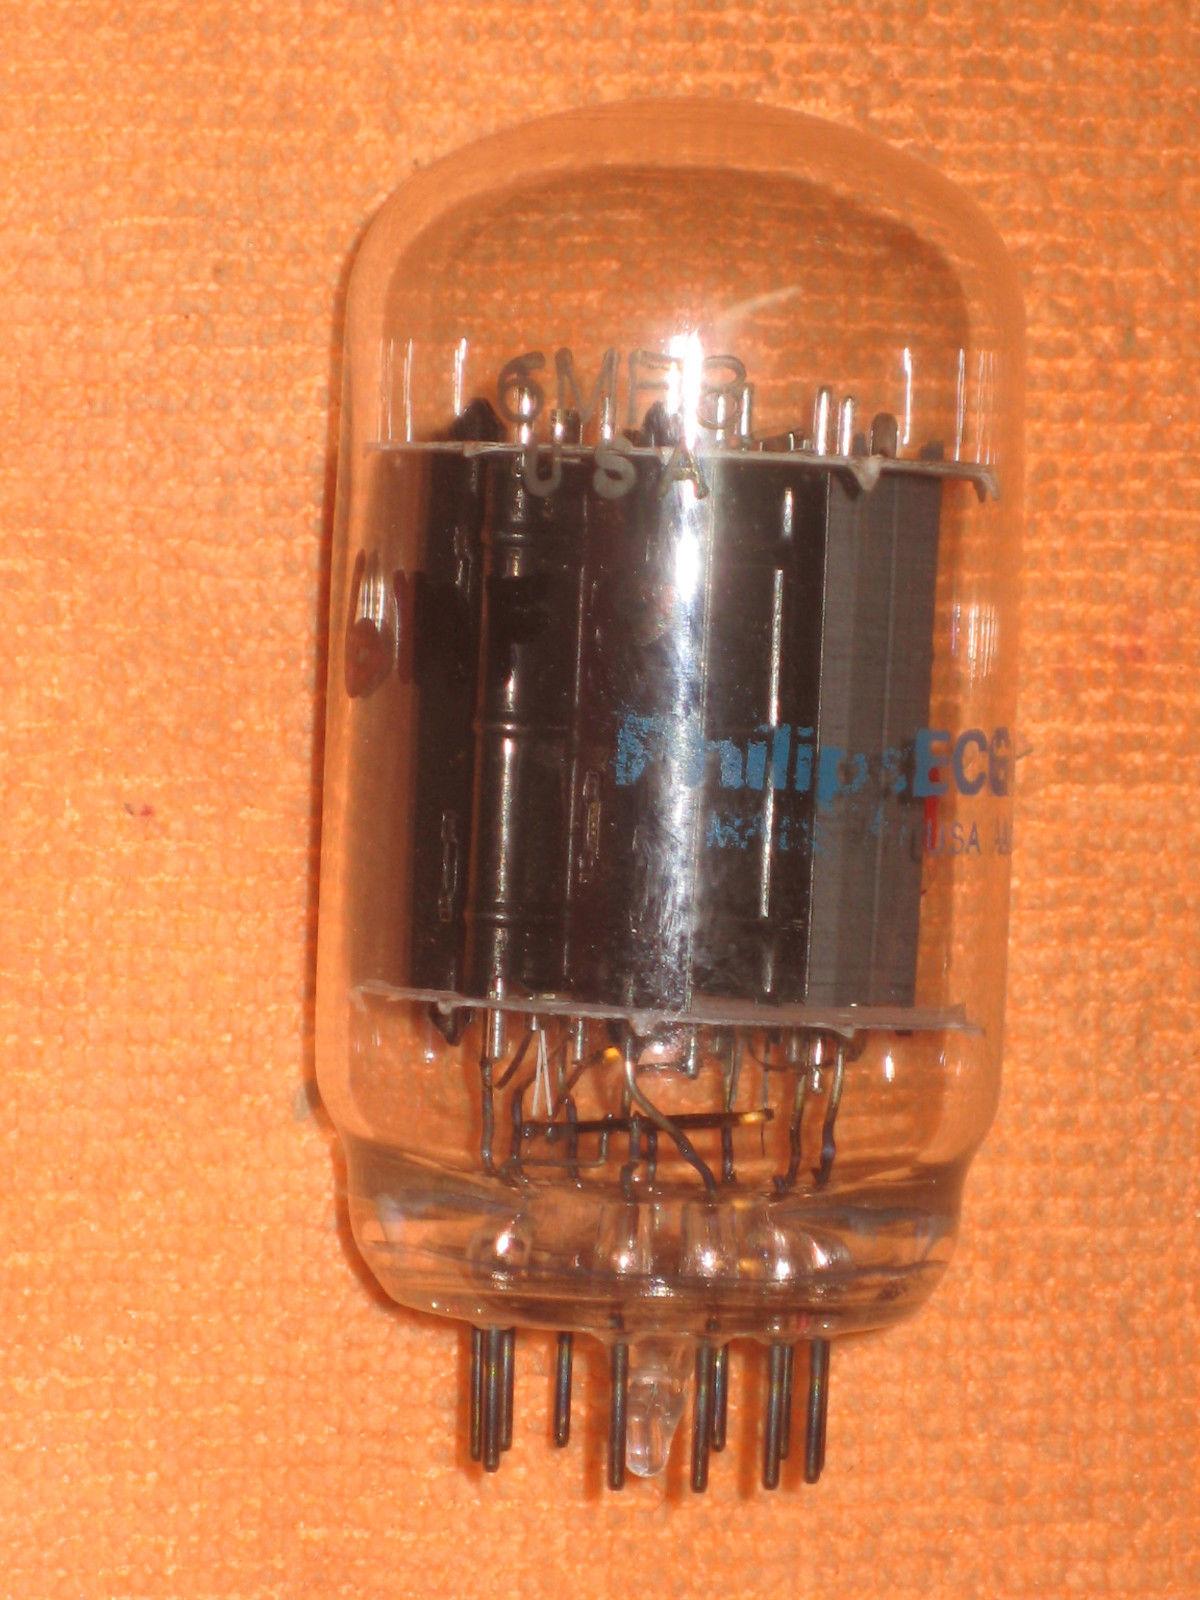 Vintage Radio Vacuum Tube (one): 6MF8 - Tested Good